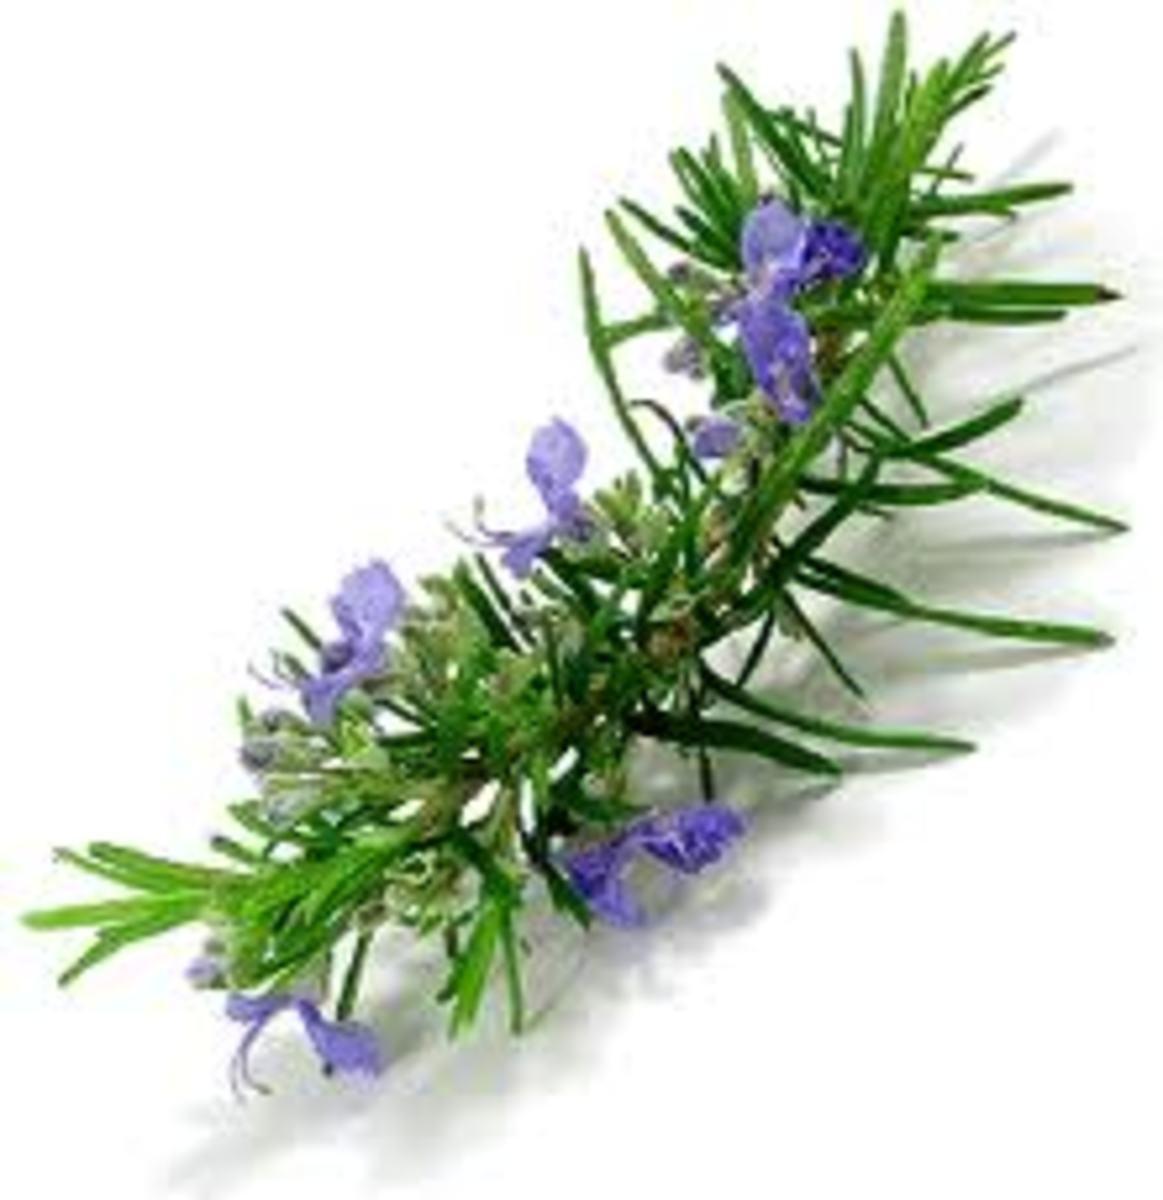 Rosemary has many benefits for hair